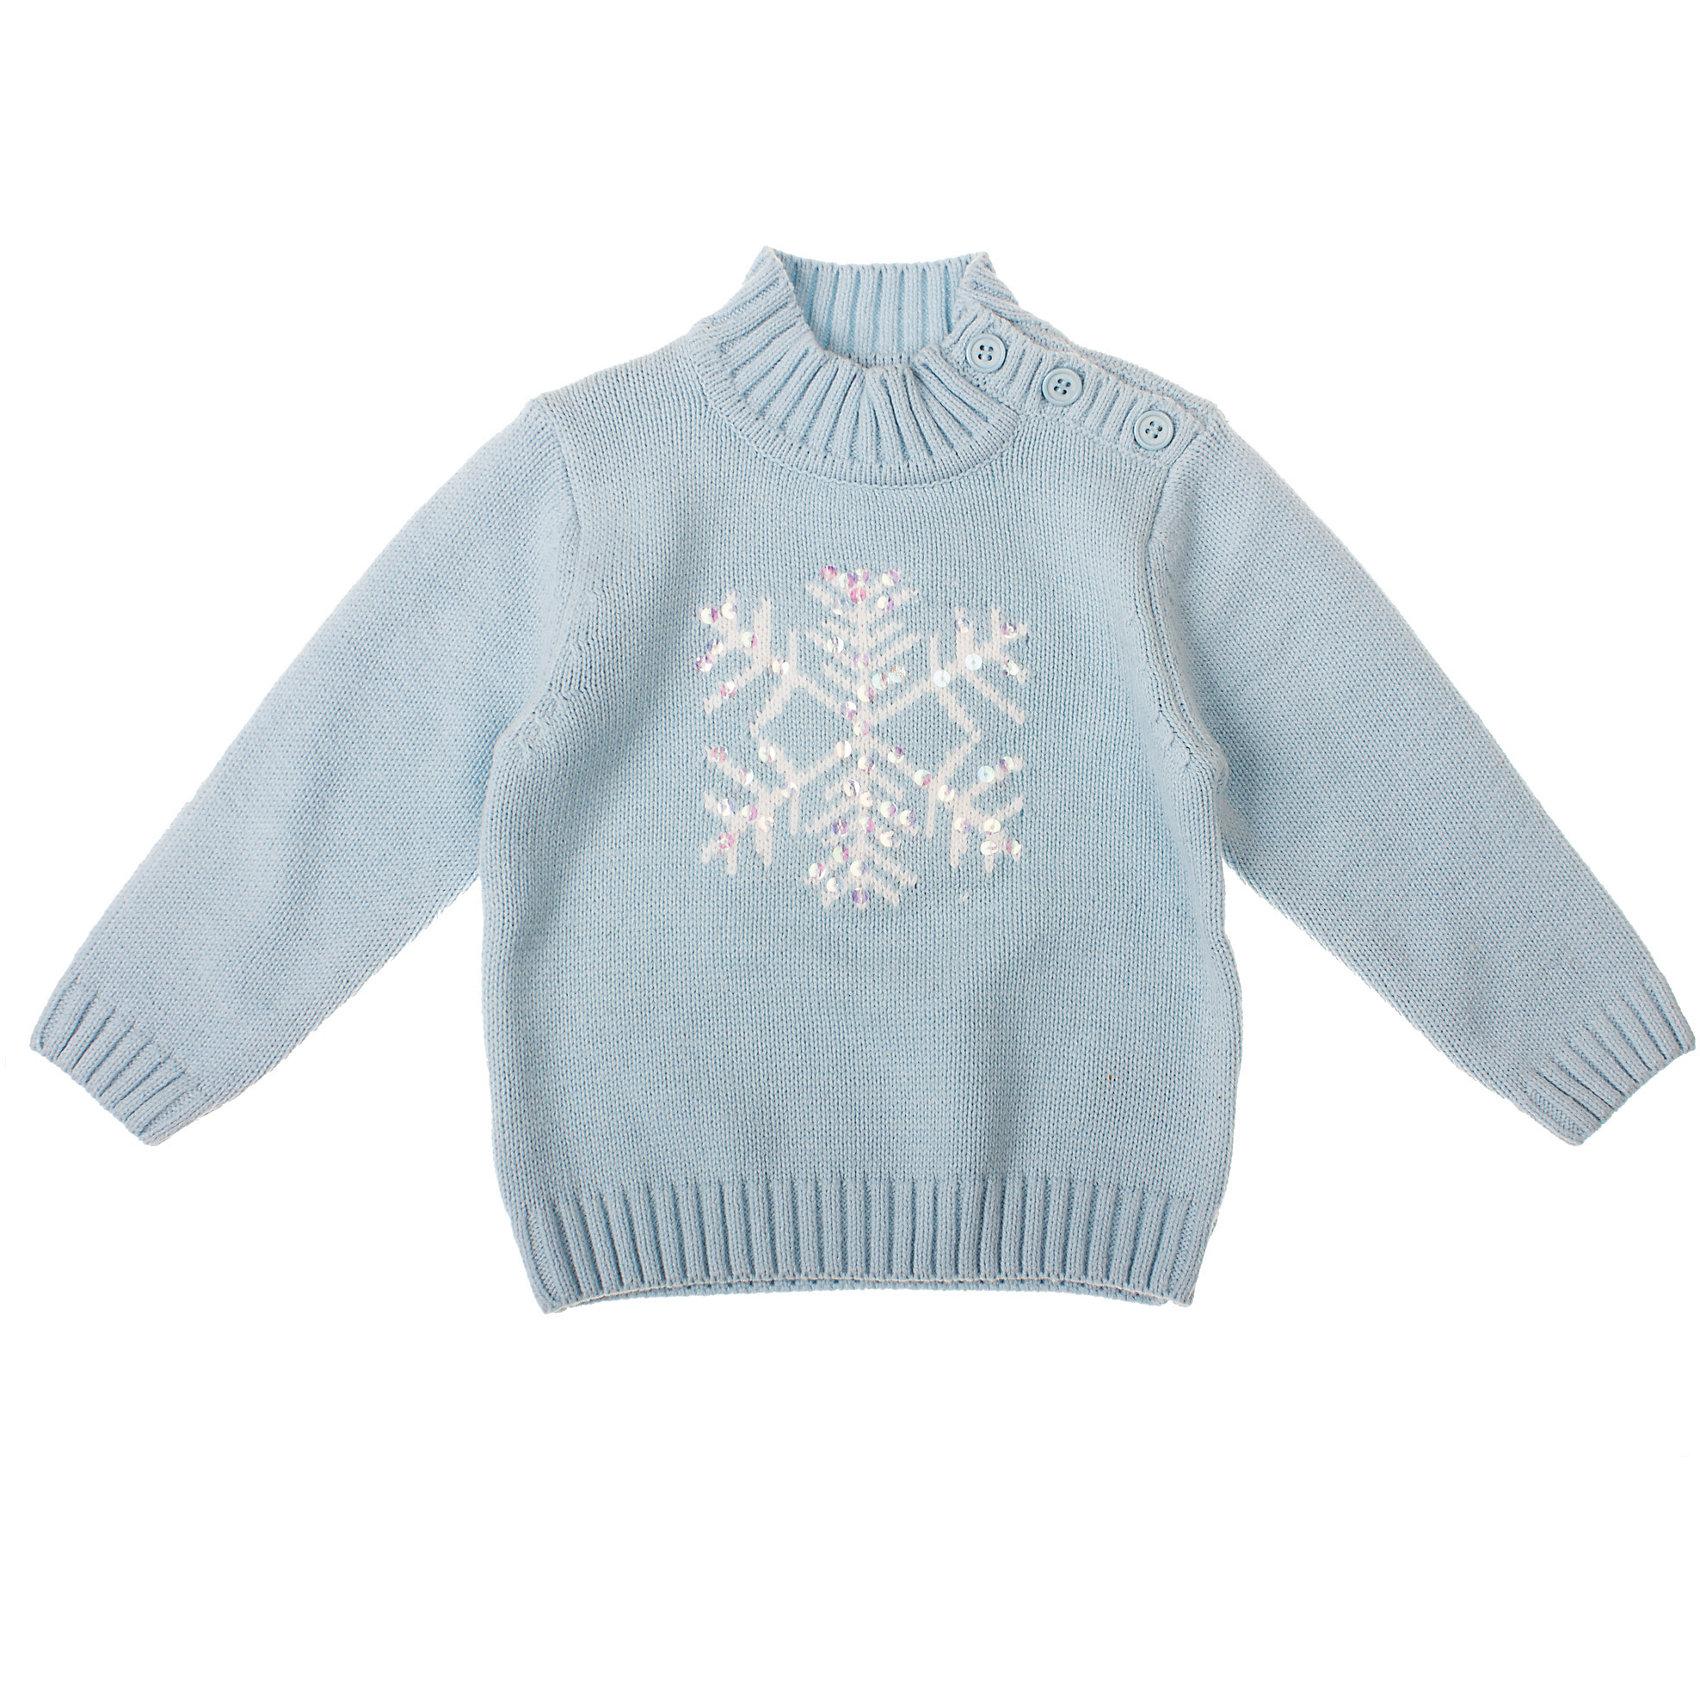 Свитер для девочки PlayTodayСвитер для девочки PlayToday Теплый вязаный свитер. Очень мягкий и совсем не кусается. Украшен снежинкой и блестками. Рекомендуем. Состав: 60% хлопок, 40% акрил<br><br>Ширина мм: 190<br>Глубина мм: 74<br>Высота мм: 229<br>Вес г: 236<br>Цвет: голубой<br>Возраст от месяцев: 6<br>Возраст до месяцев: 9<br>Пол: Женский<br>Возраст: Детский<br>Размер: 74,80,86,92<br>SKU: 4229345